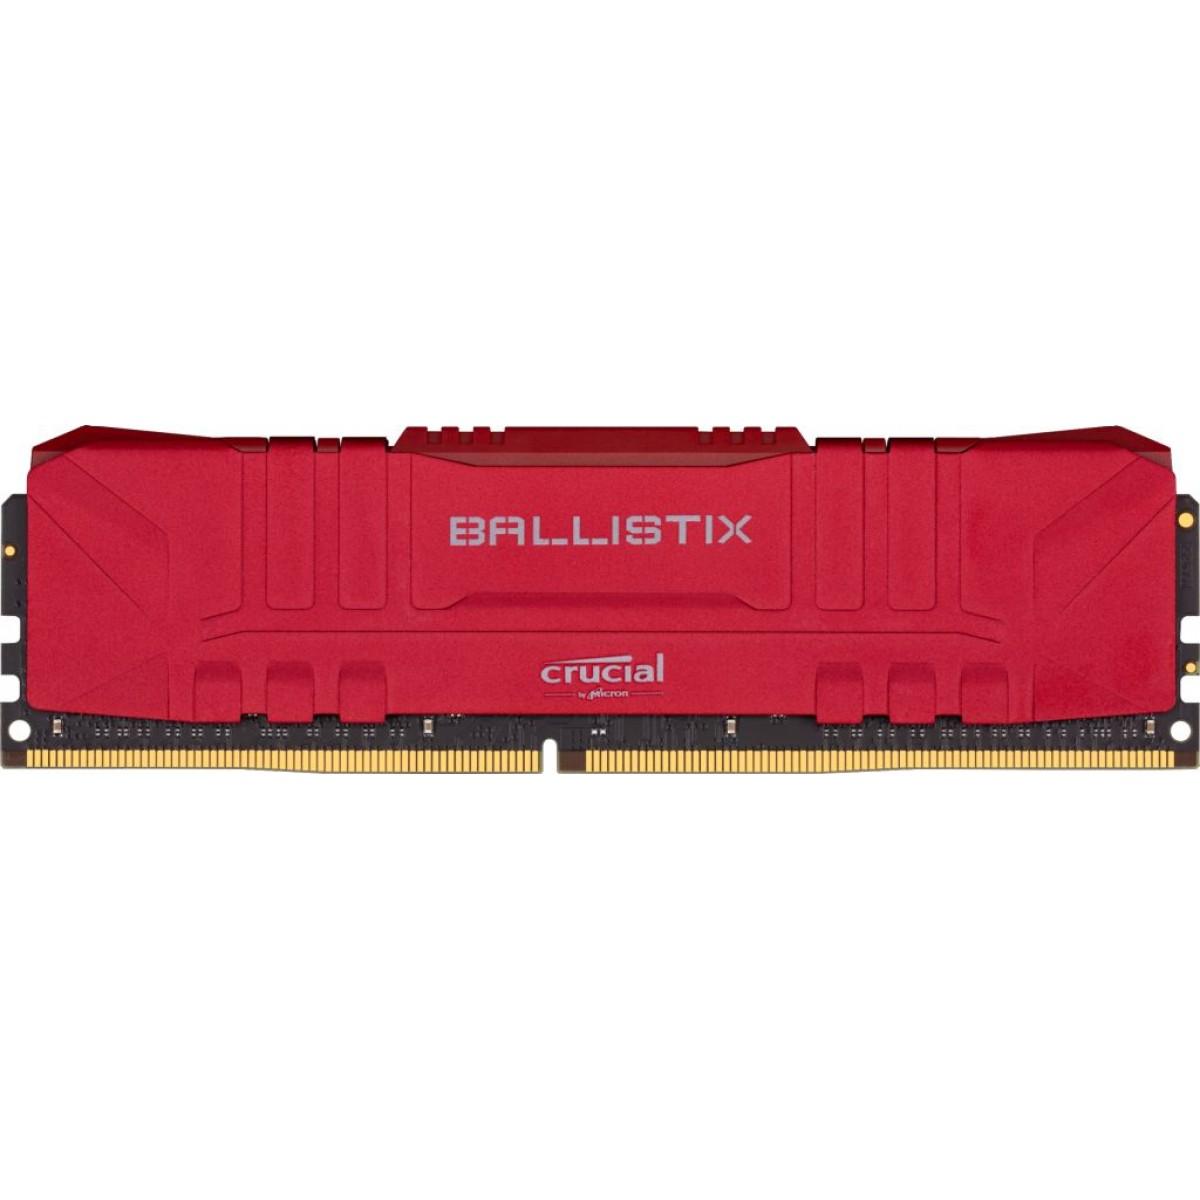 Memória DDR4 Crucial Ballistix, 8GB, 3000MHz, Red, BL8G30C15U4R